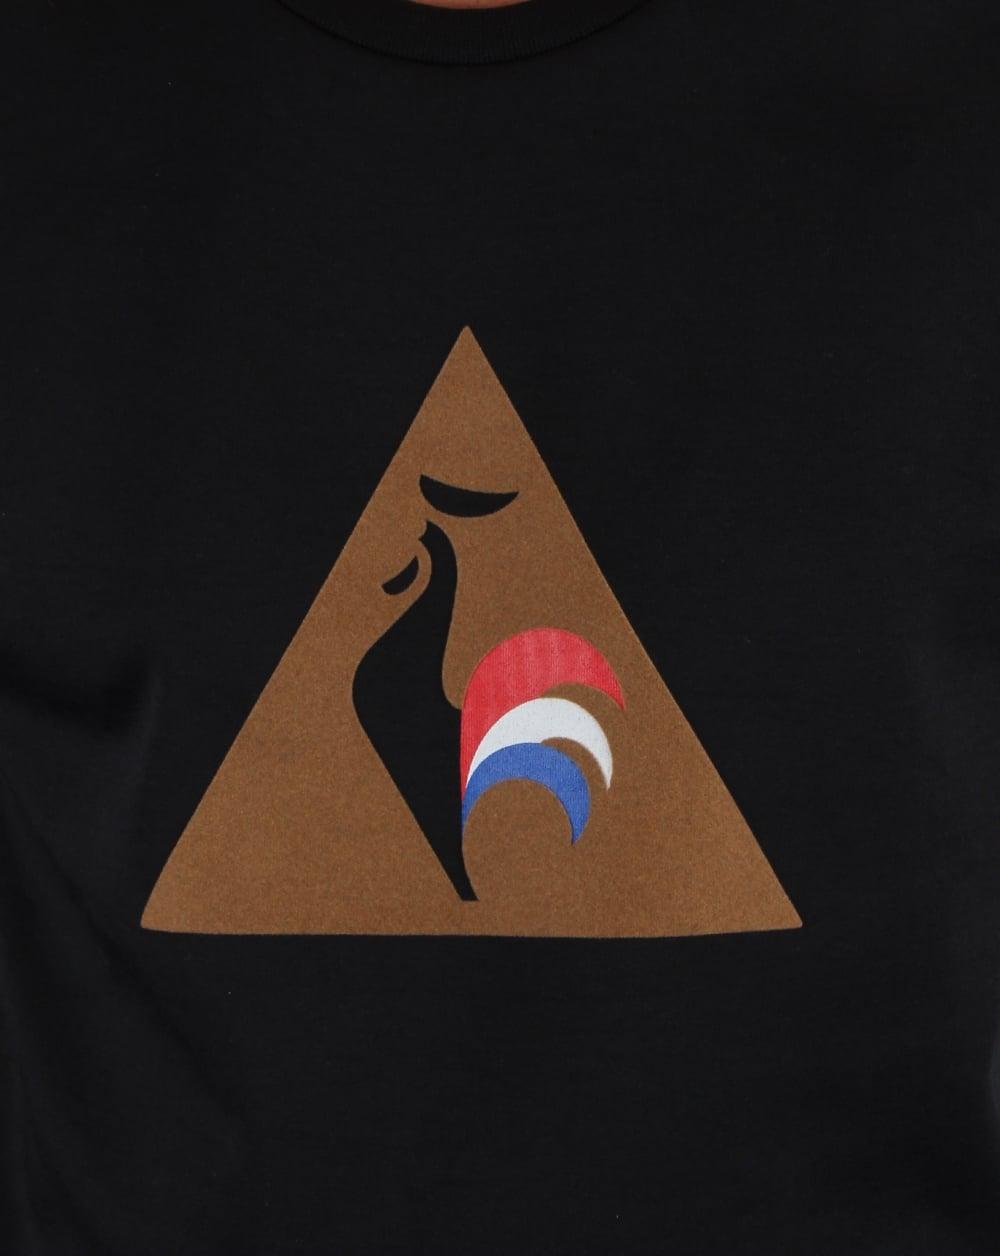 le coq sportif logo sweatshirt black men s jumper top